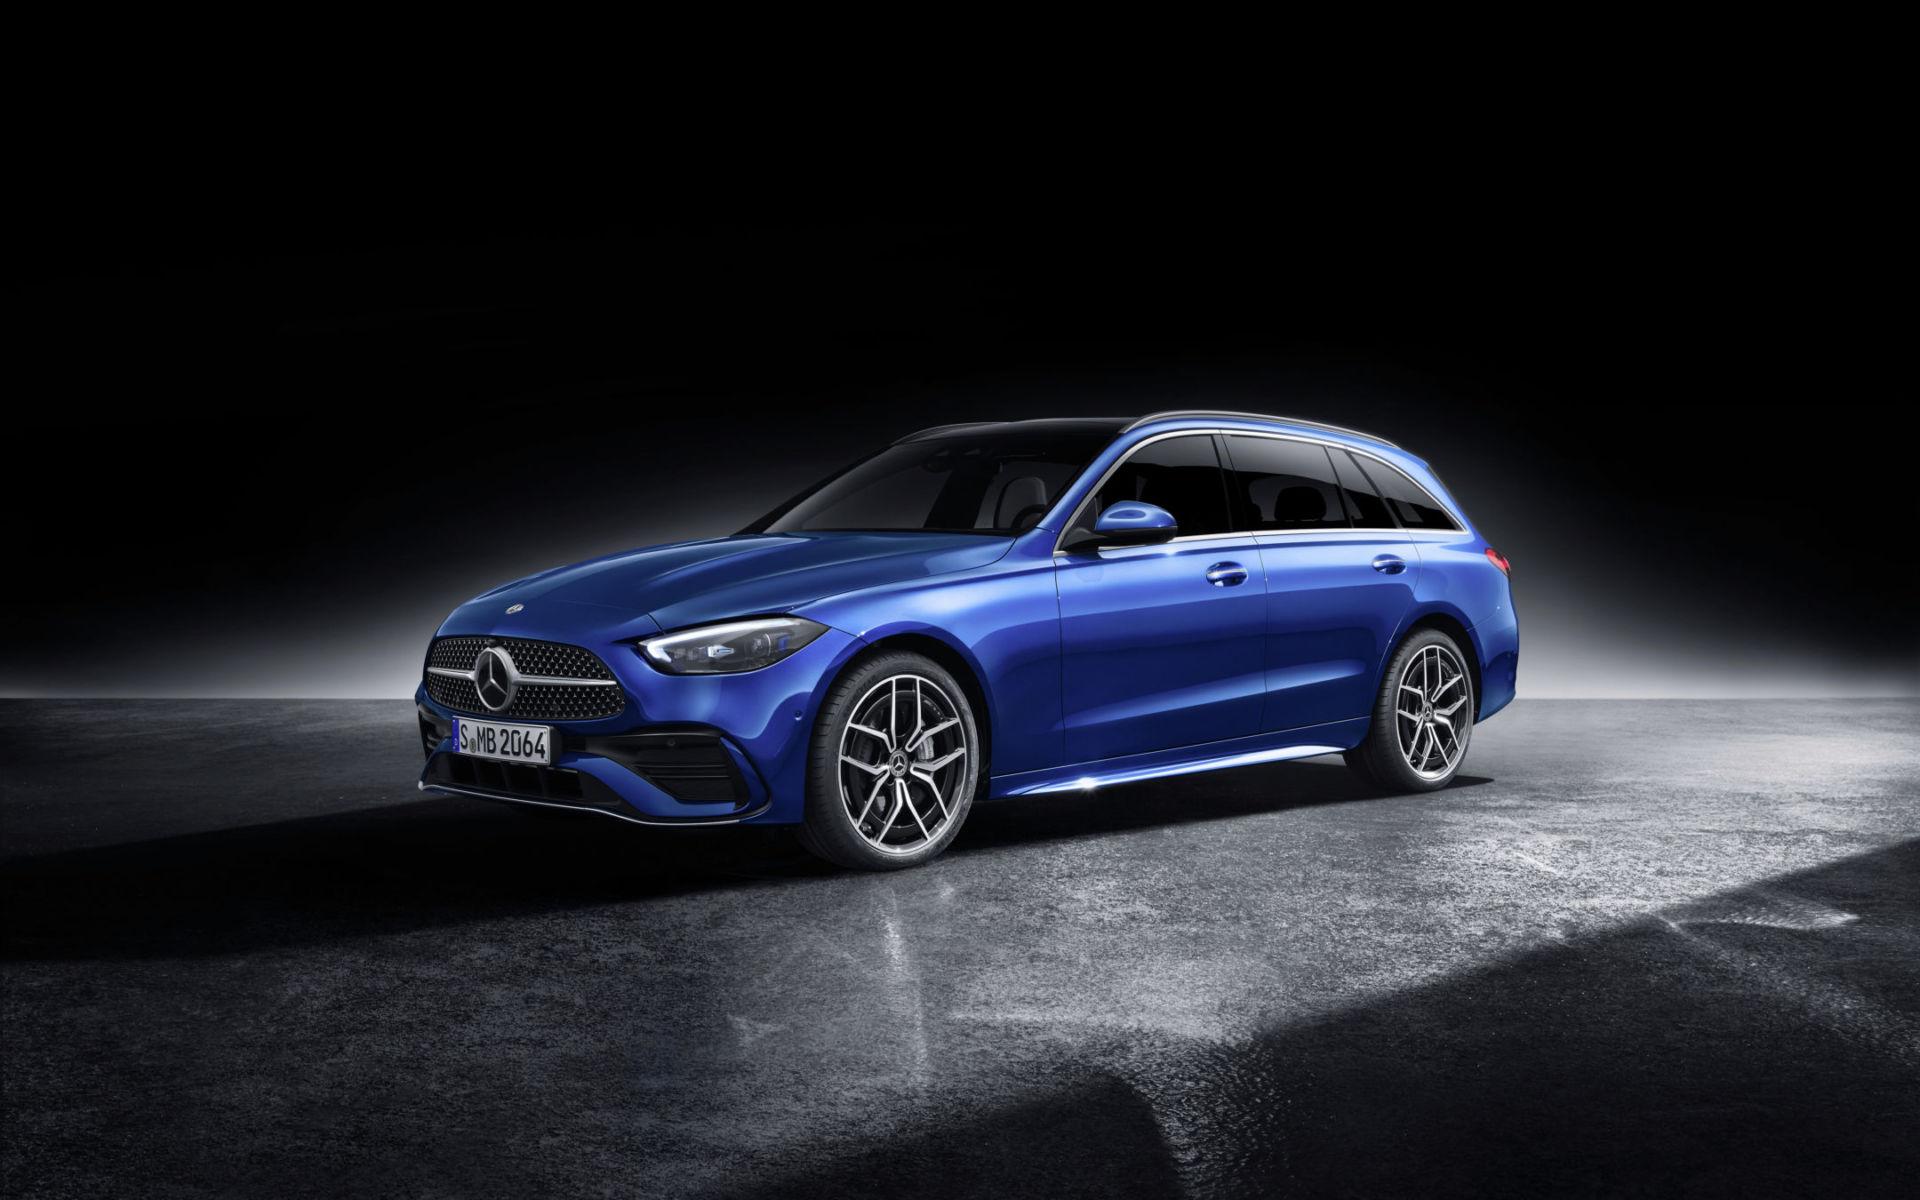 Mercedes Classe C : Dans la lignée de la Classe S !